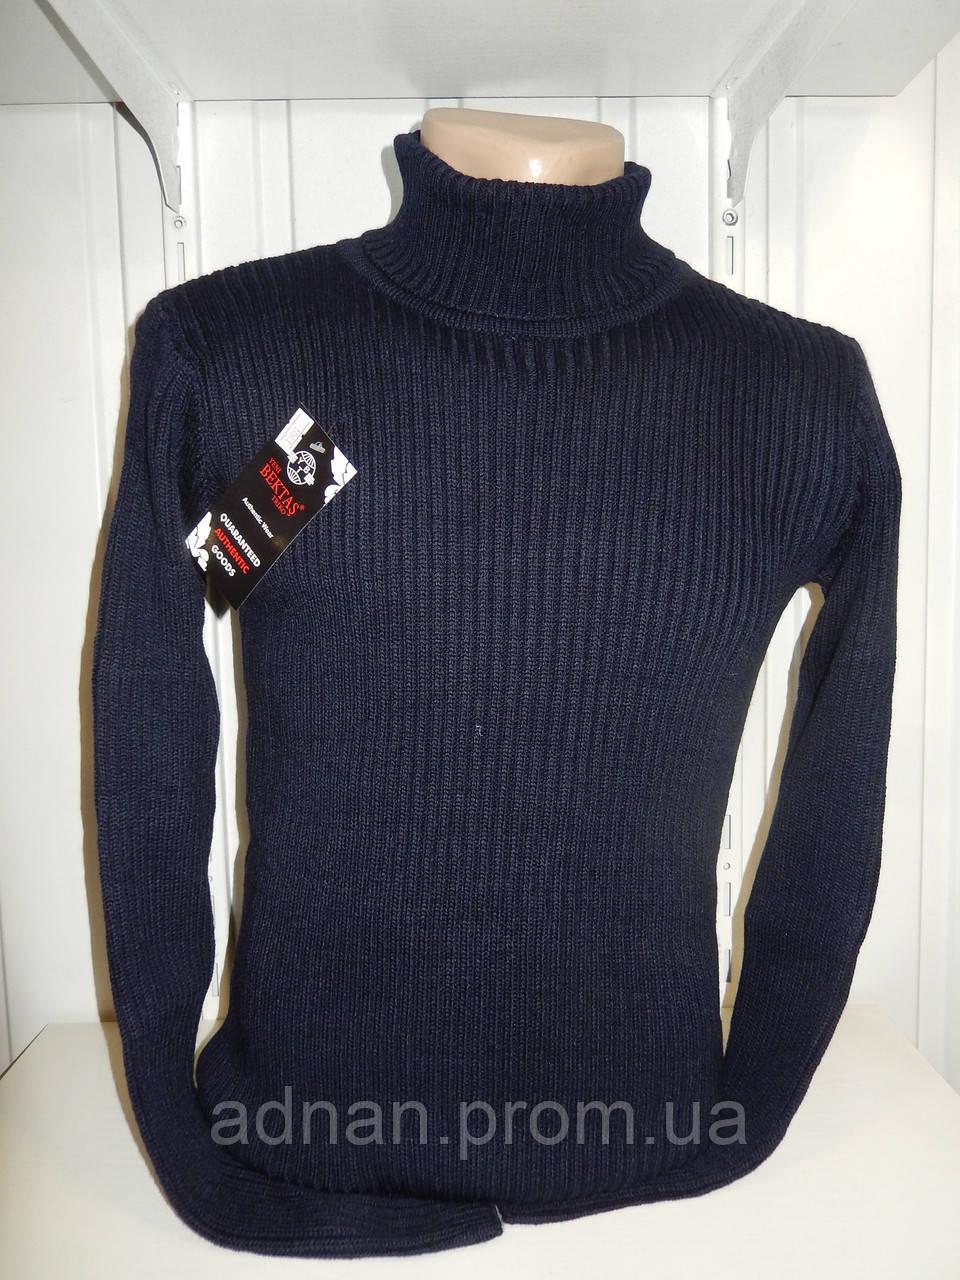 Свитер зимний, гольф BEKTAS модель №1901 001/ купить оптом свитер зимний